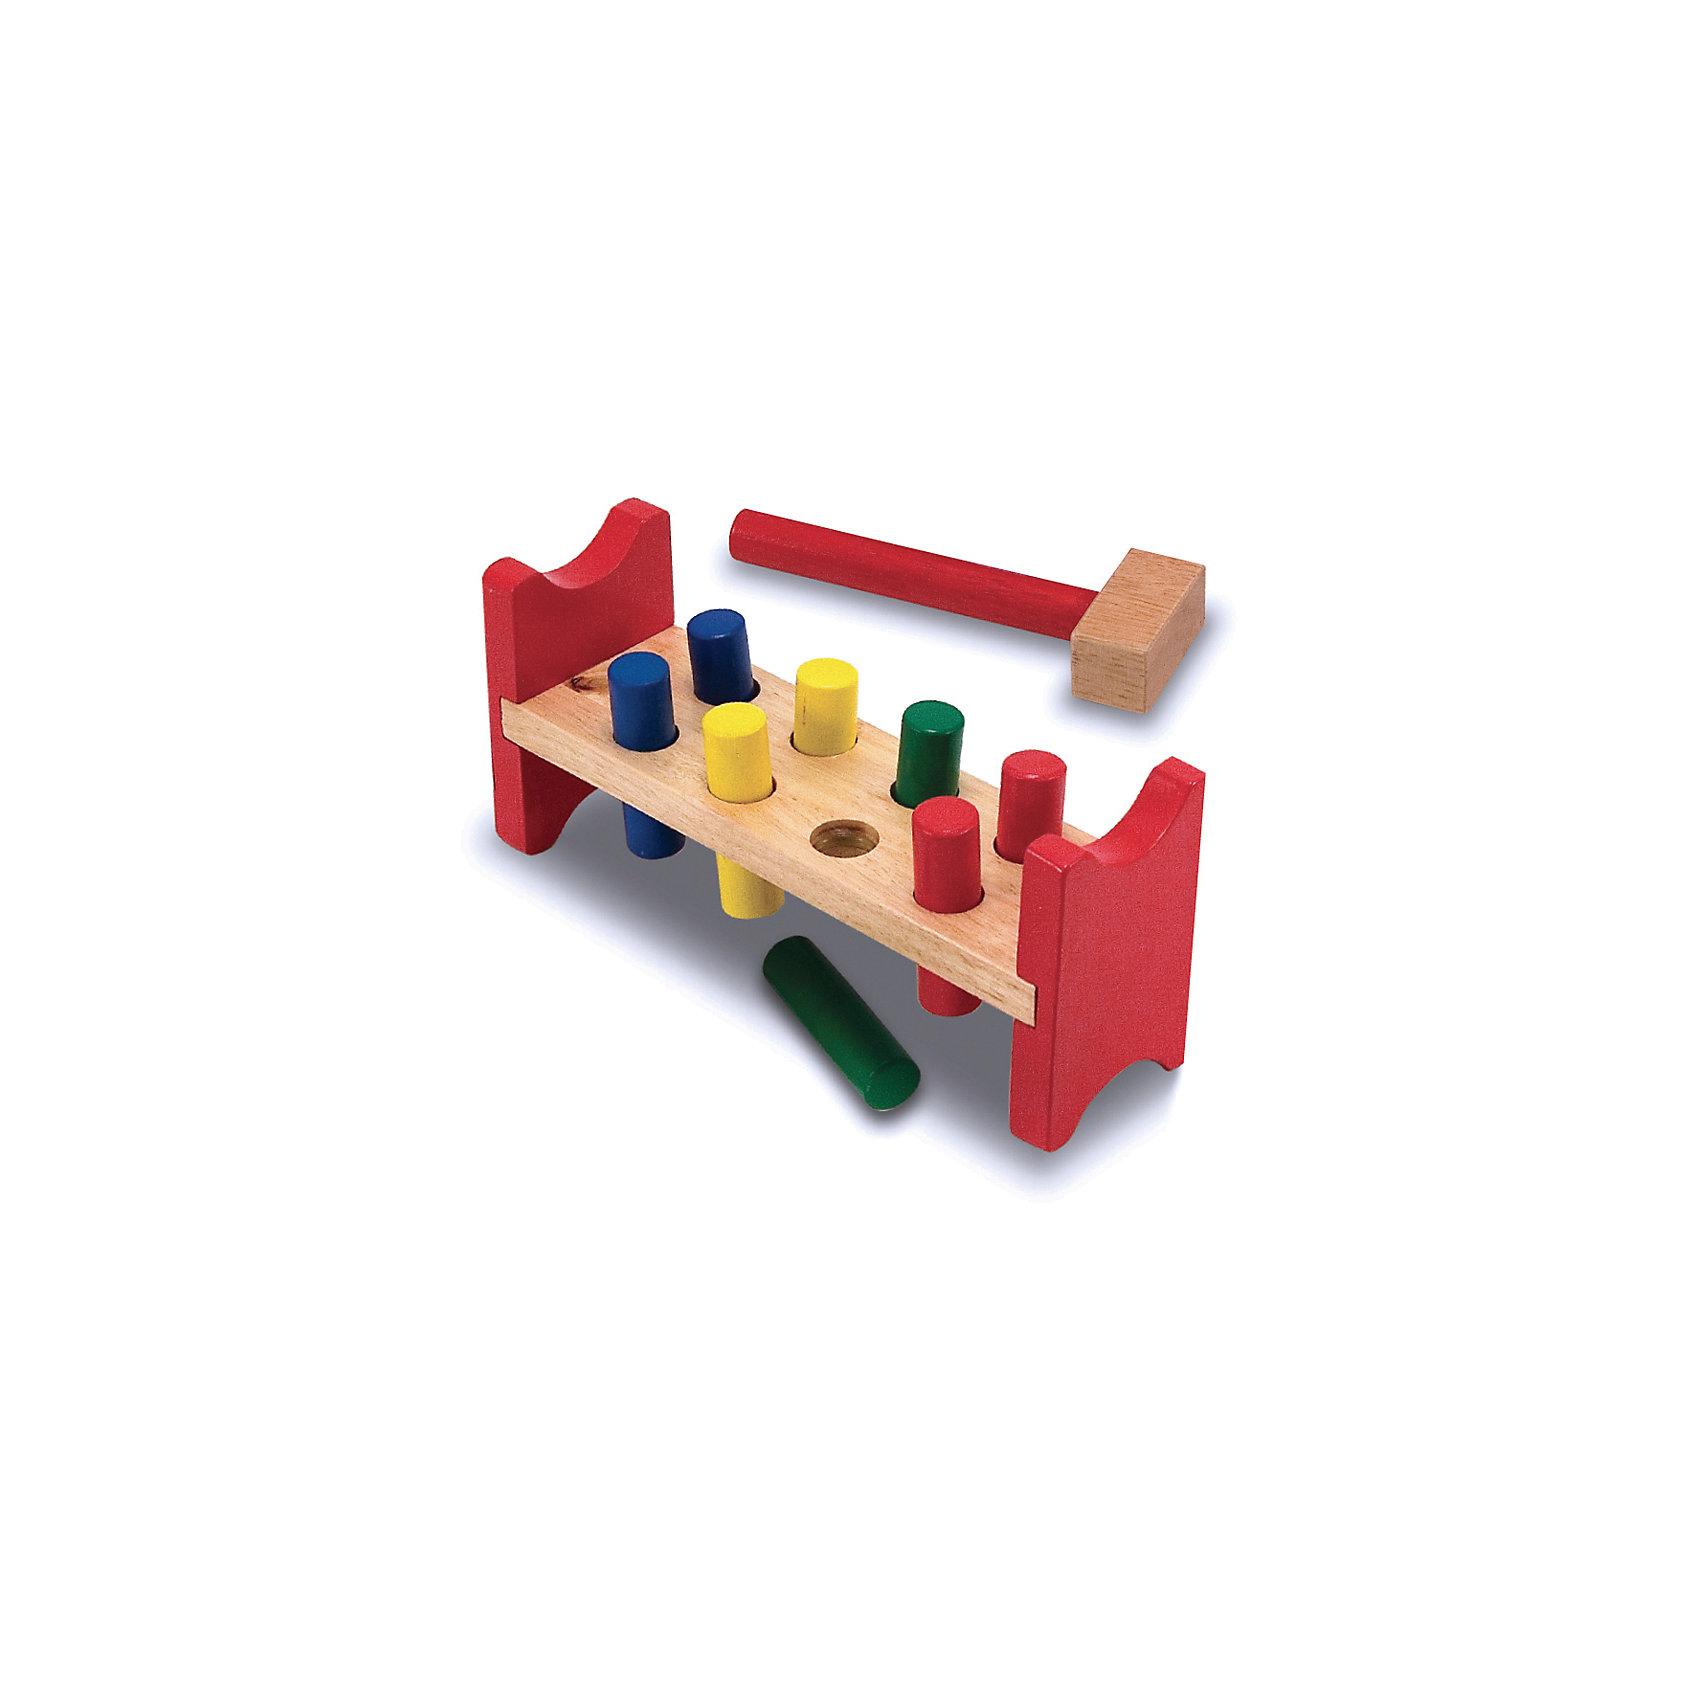 Игрушка Забить в лунки, Melissa &amp; DougРазвивающие игры<br>Игрушка Забить в лунки, Melissa &amp; Doug (Мелисса и Даг) – это игрушка - стучалка, которую обожают все дети.<br>Игрушка Забить в лунки - увлекательная игра для любителя постучать. Забейте восемь красочных деревянных колышков в деревянную скамейку, а затем выньте и забивайте снова и снова! Игрушка развивает координацию движений, внимание, точность, моторику ручек и пальчиков. Изготовлено из натурального хорошо обработанного дерева, окрашенного безопасными нетоксичными красками.<br><br>Дополнительная информация:<br><br>- В наборе: четыре пары цветных кольев, деревянный молоток<br>- Материал: дерево<br>- Размер упаковки: 28х12х8 см.<br>- Вес: 543 гр.<br><br>Игрушку Забить в лунки, Melissa &amp; Doug (Мелисса и Даг) можно купить в нашем интернет-магазине.<br><br>Ширина мм: 800<br>Глубина мм: 280<br>Высота мм: 120<br>Вес г: 543<br>Возраст от месяцев: 24<br>Возраст до месяцев: 48<br>Пол: Унисекс<br>Возраст: Детский<br>SKU: 4005809